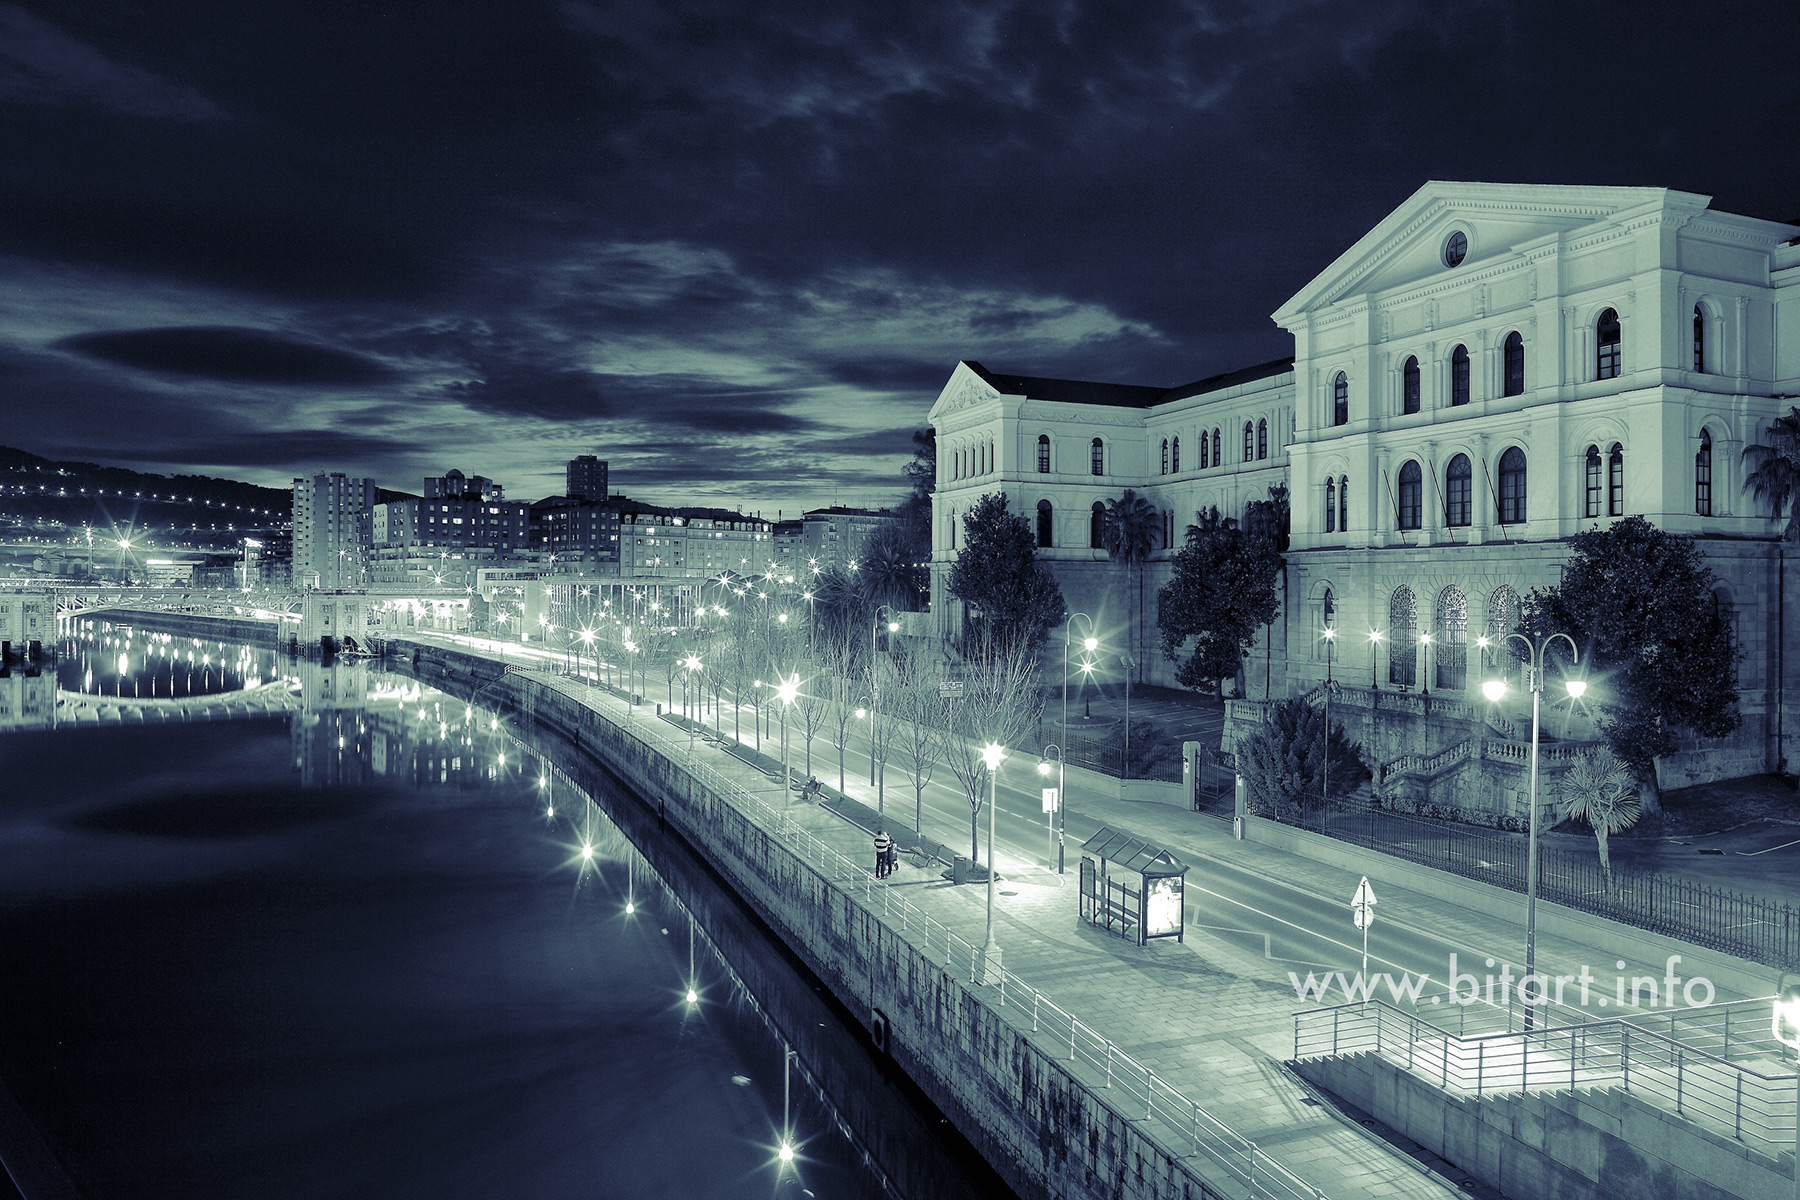 Deusto en Bilbao de noche - Bitart New Media